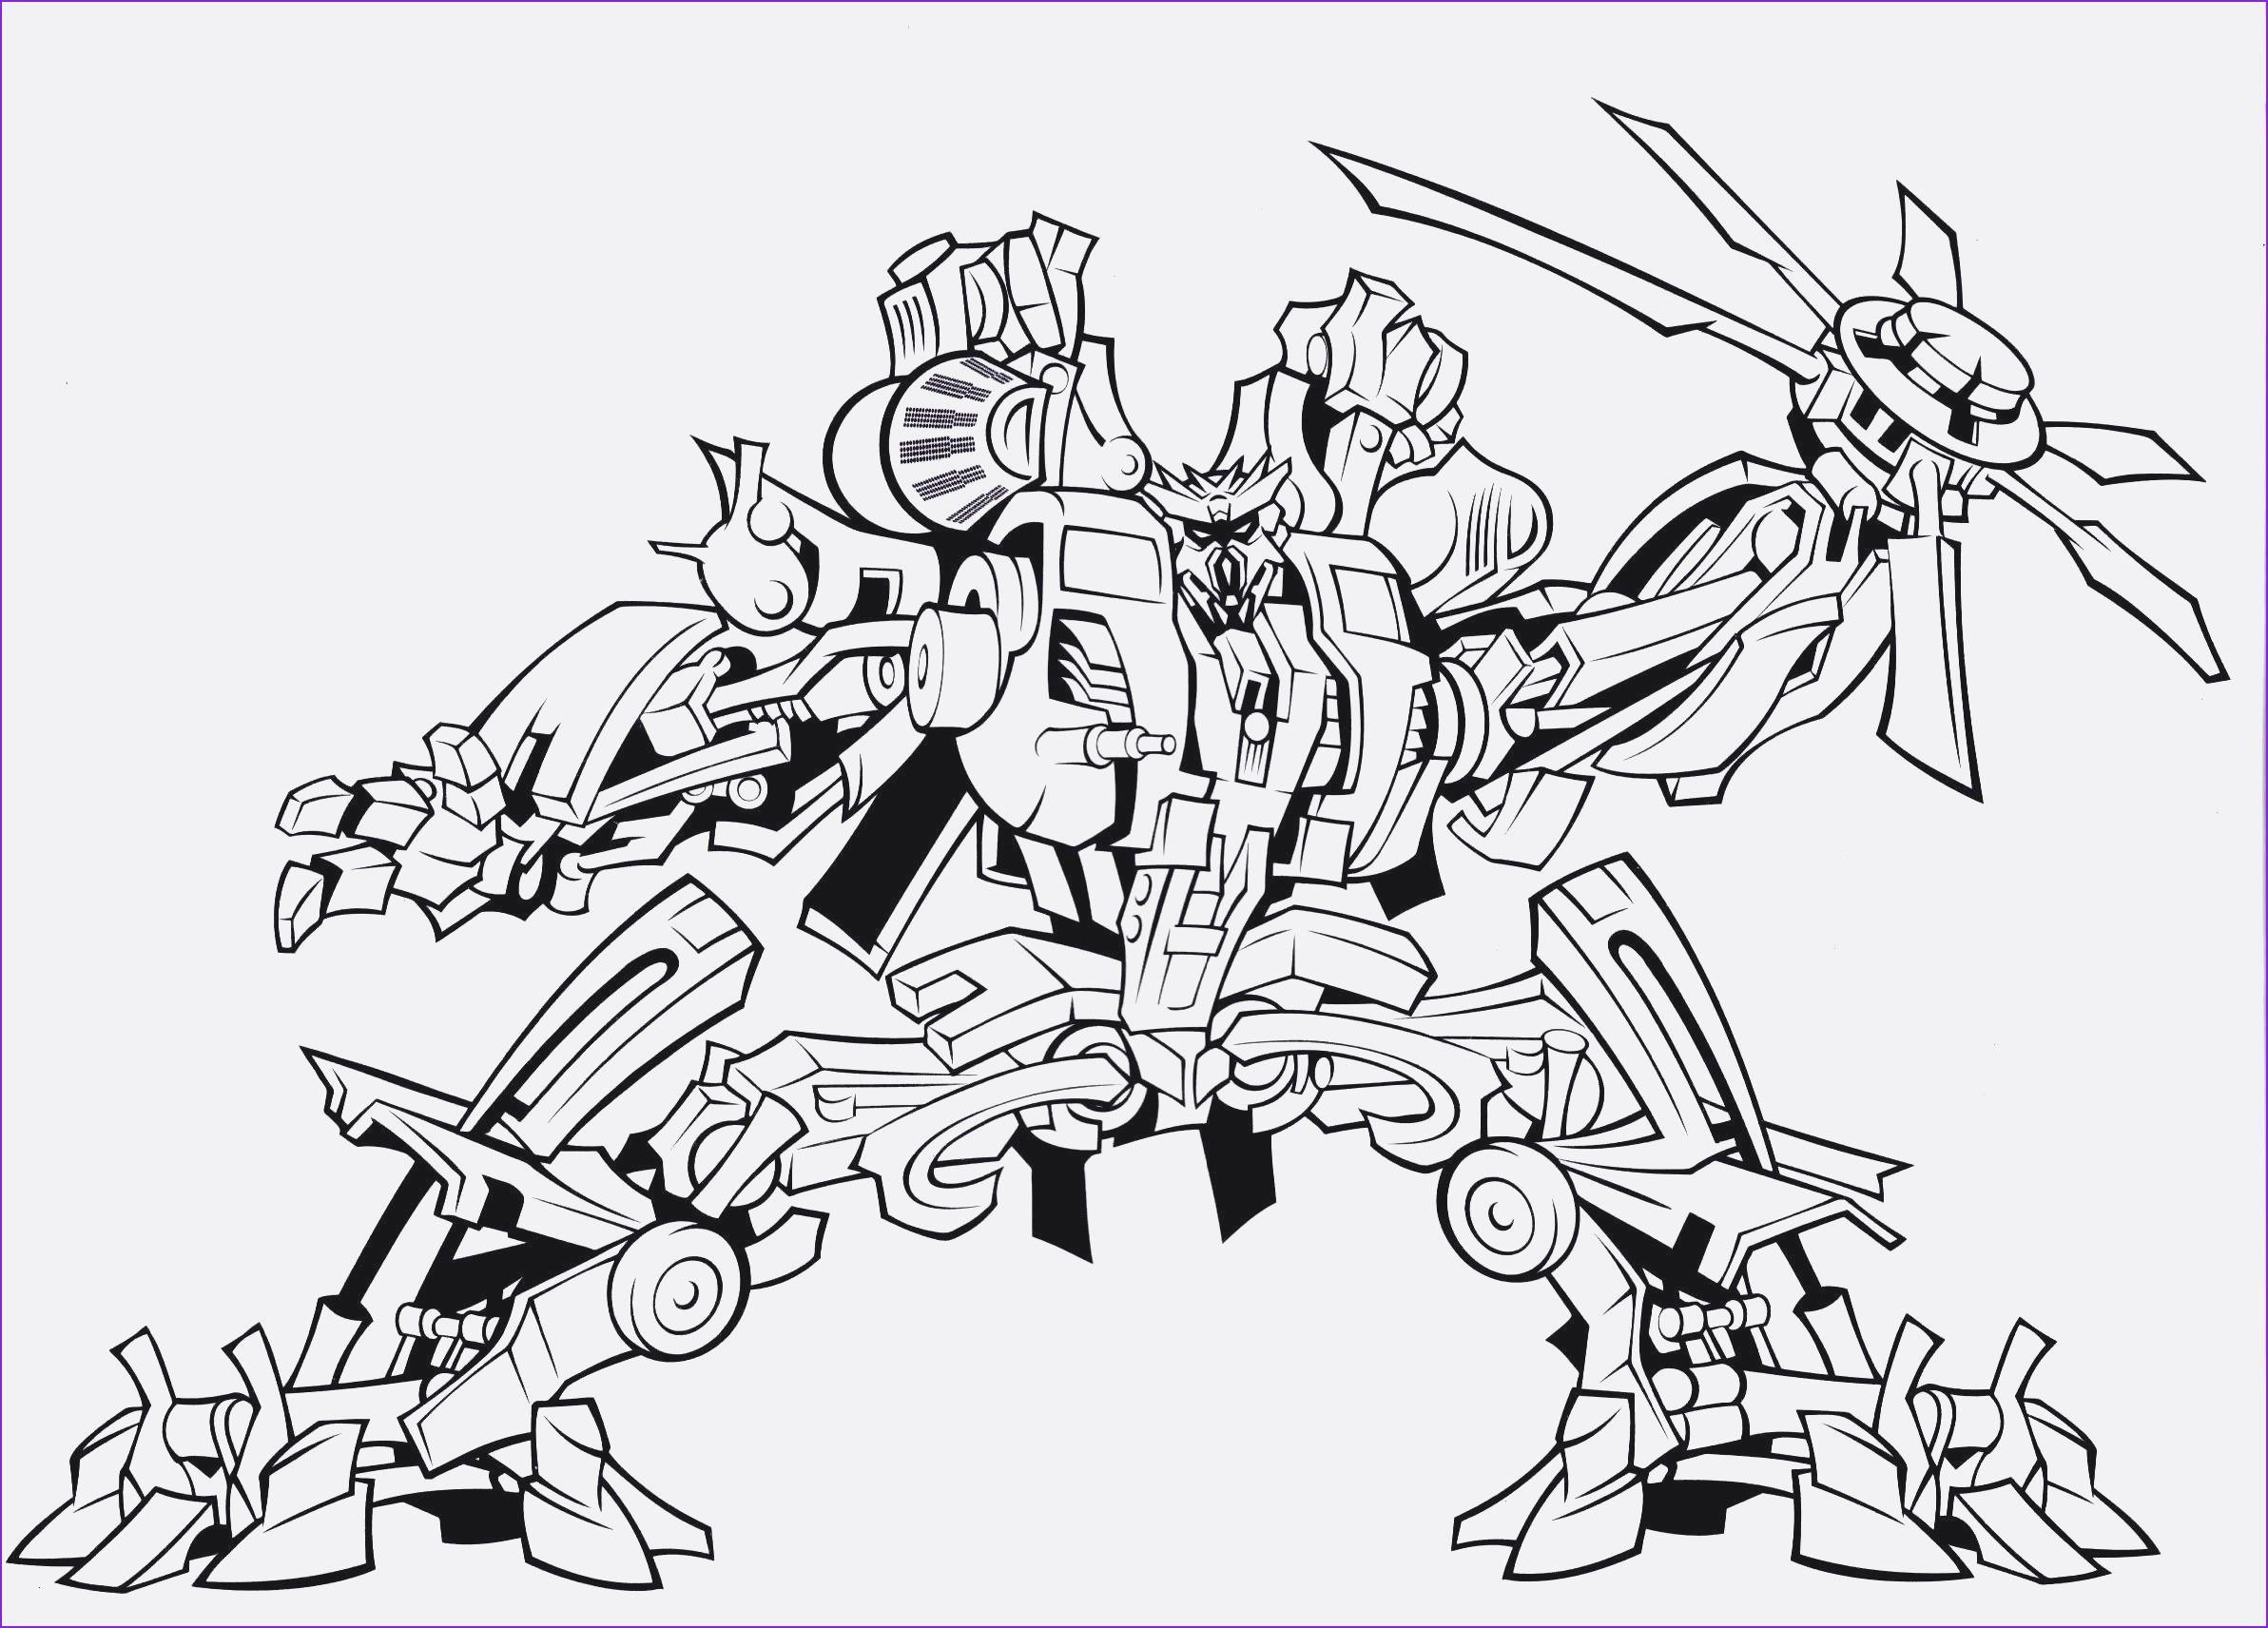 Ausmalbilder Transformers Optimus Prime Inspirierend 40 Ausmalbilder Transformers Optimus Prime Scoredatscore Fotos